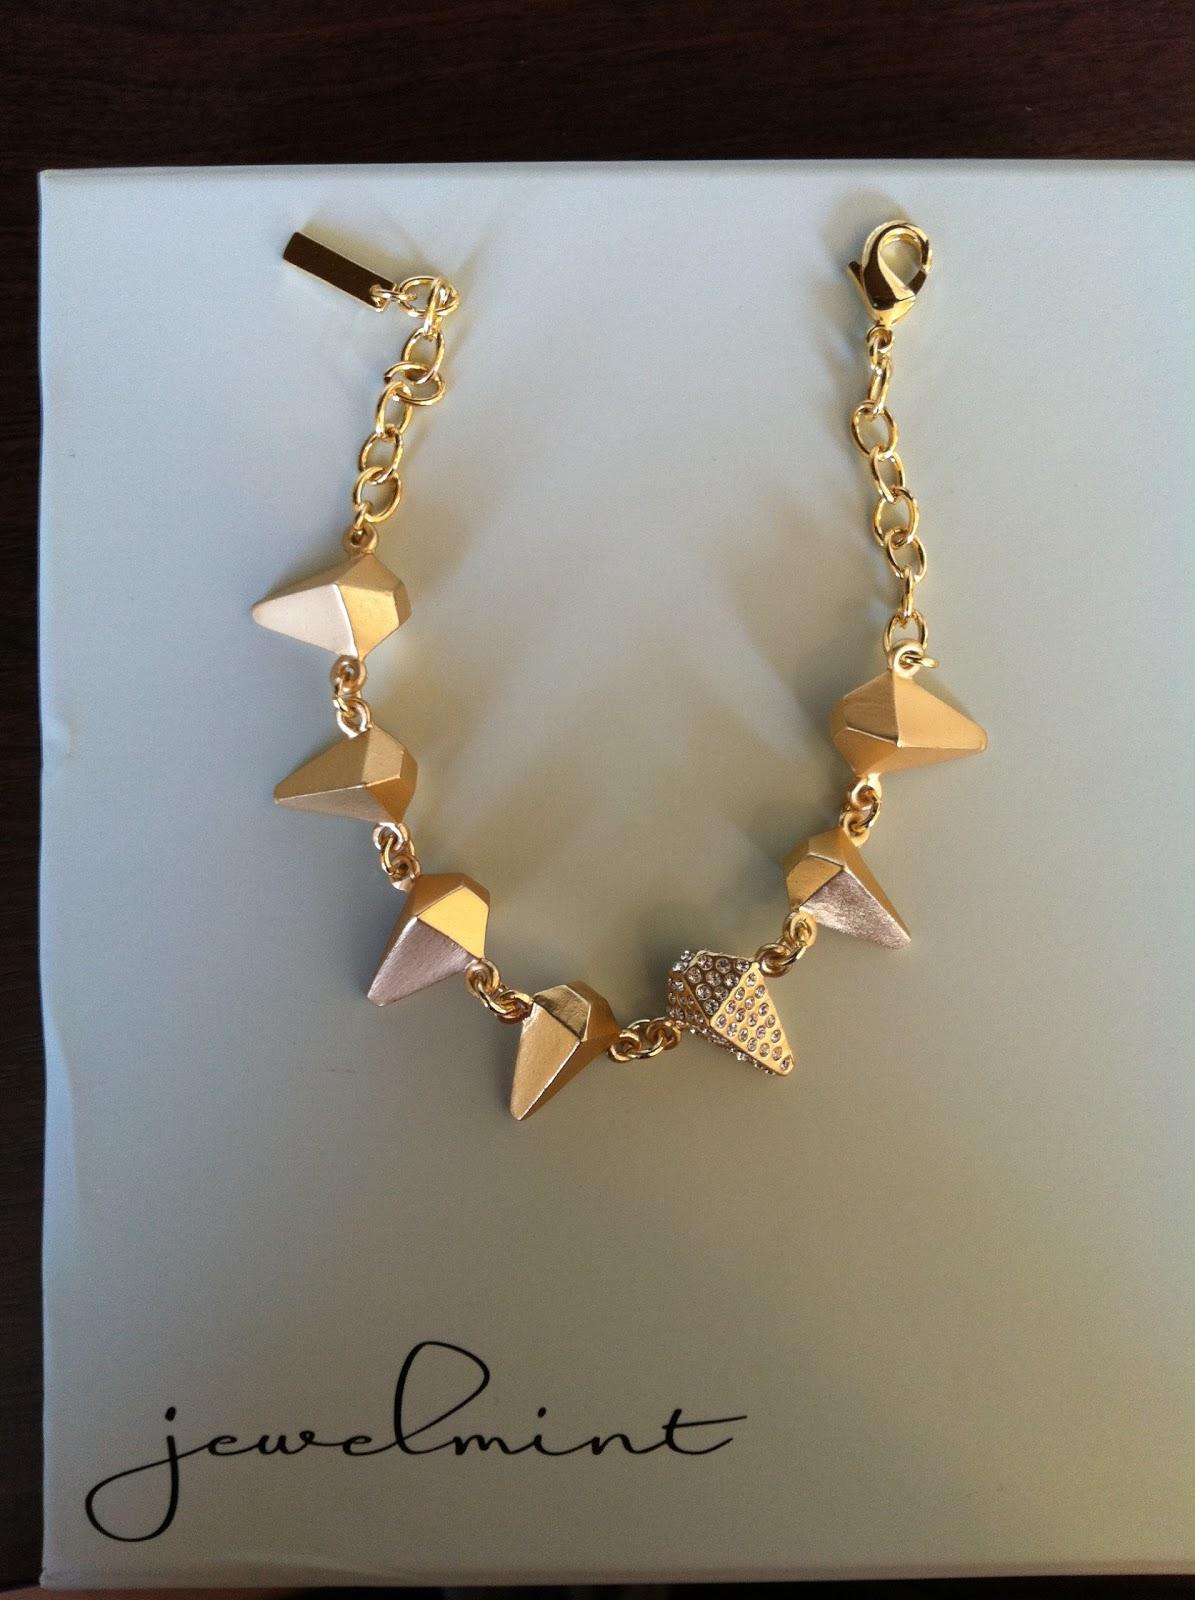 http://3.bp.blogspot.com/-5RarH1BzxTg/TauImnxZ7oI/AAAAAAAAAD0/fDRRr56JgBg/s1600/jewelmint.jpg